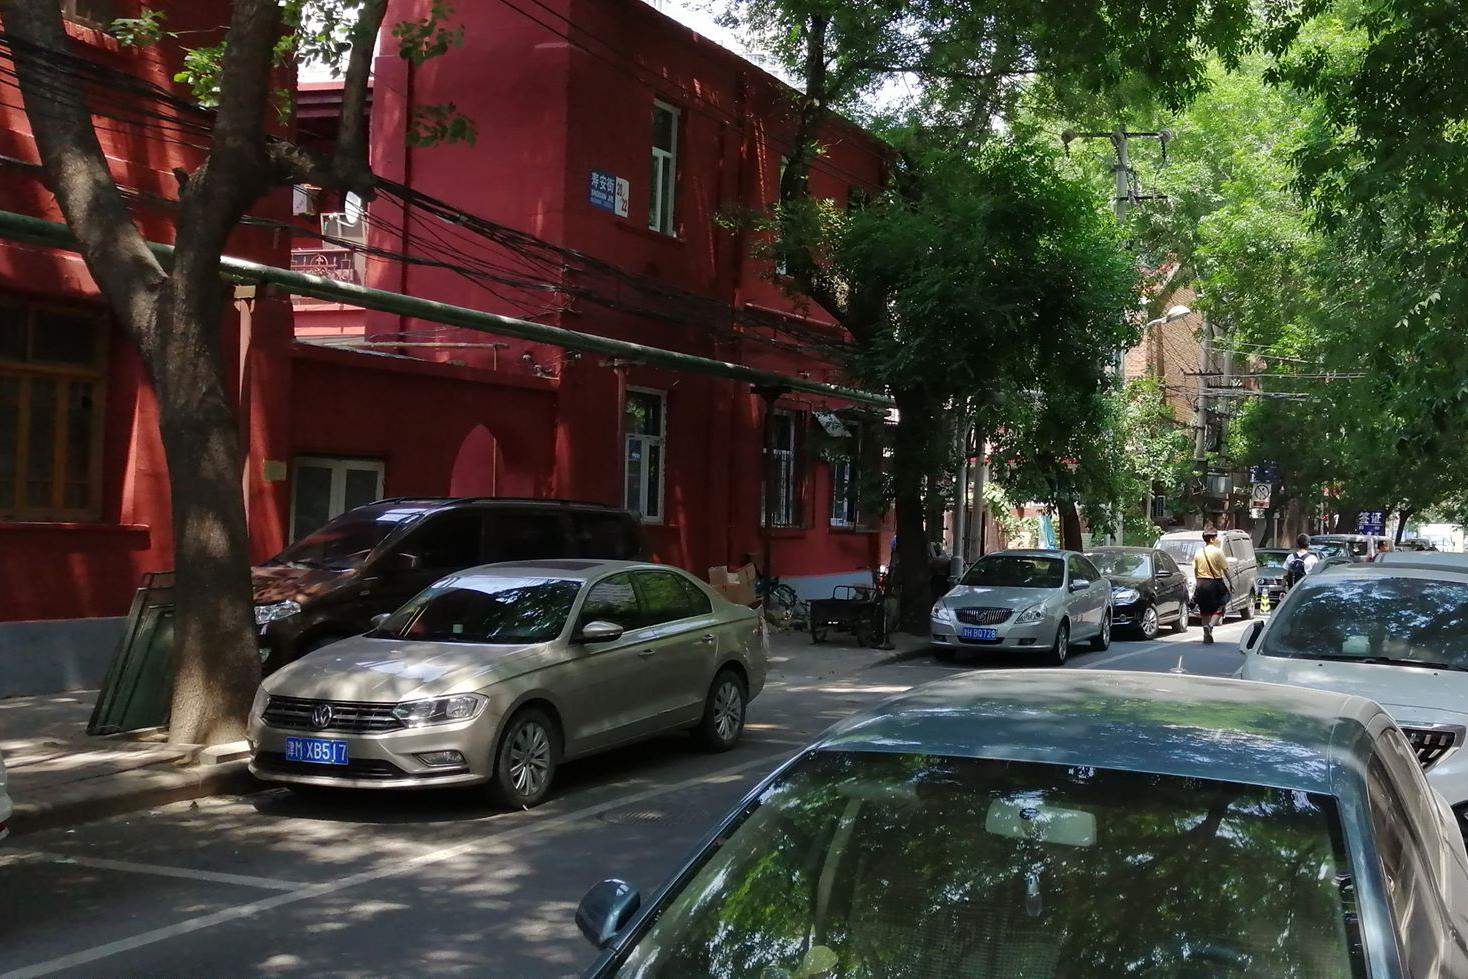 Az egykori tiencsini Budapest utca napjainkban (Fotó: Rimányi Áron - Falanszter.blog.hu)